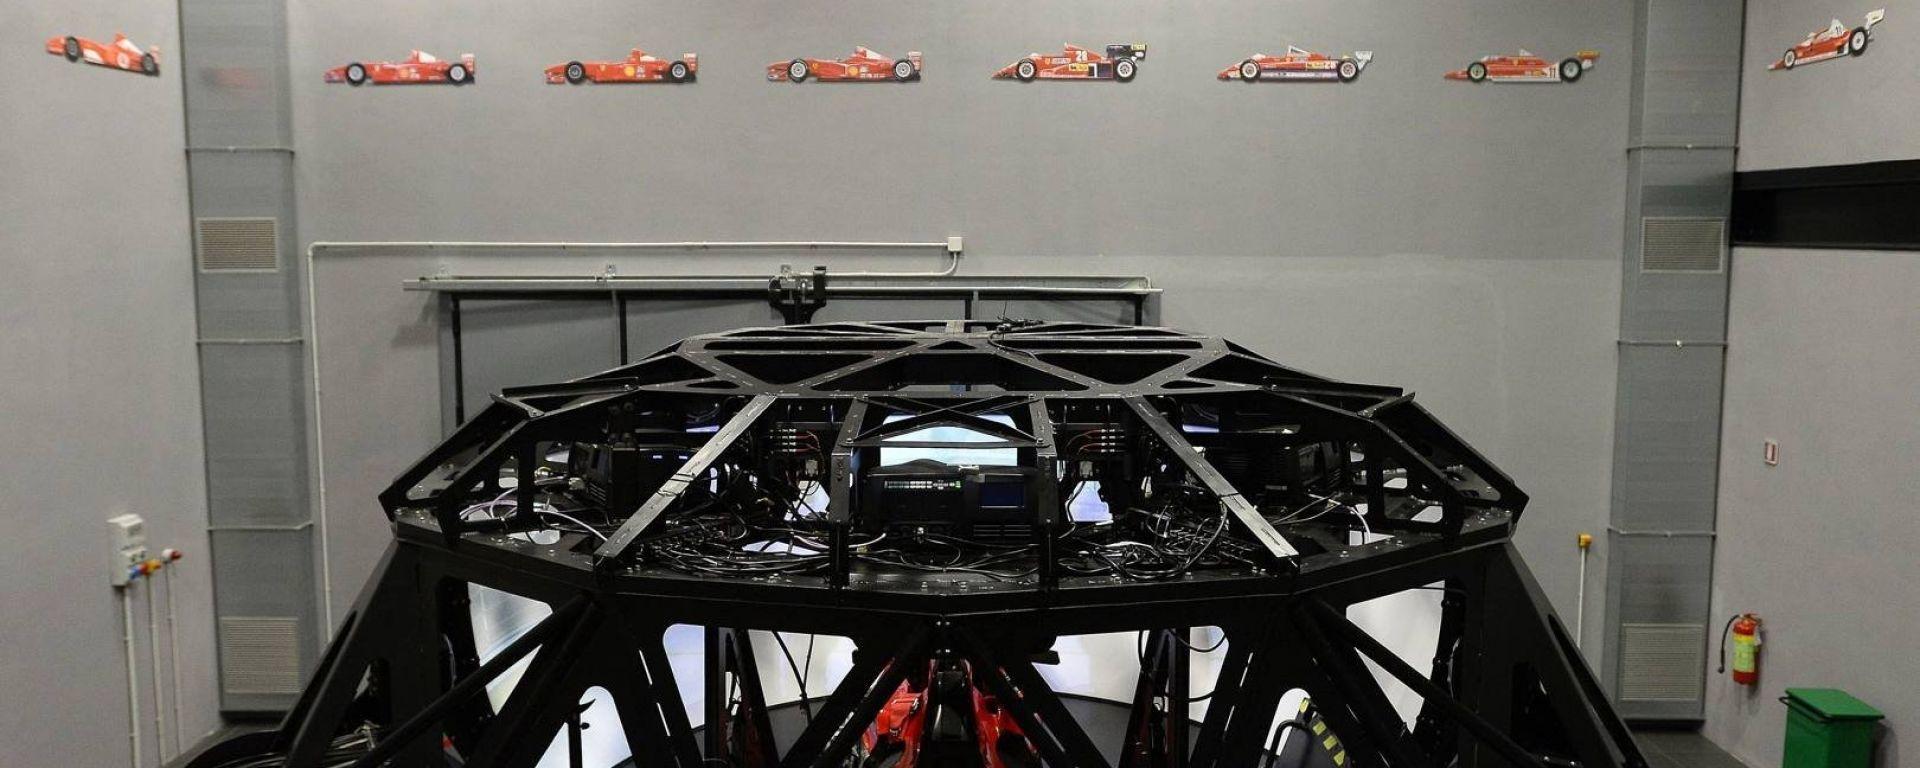 F1, simulatore: la Ferrari 2019 già più veloce della SF71H